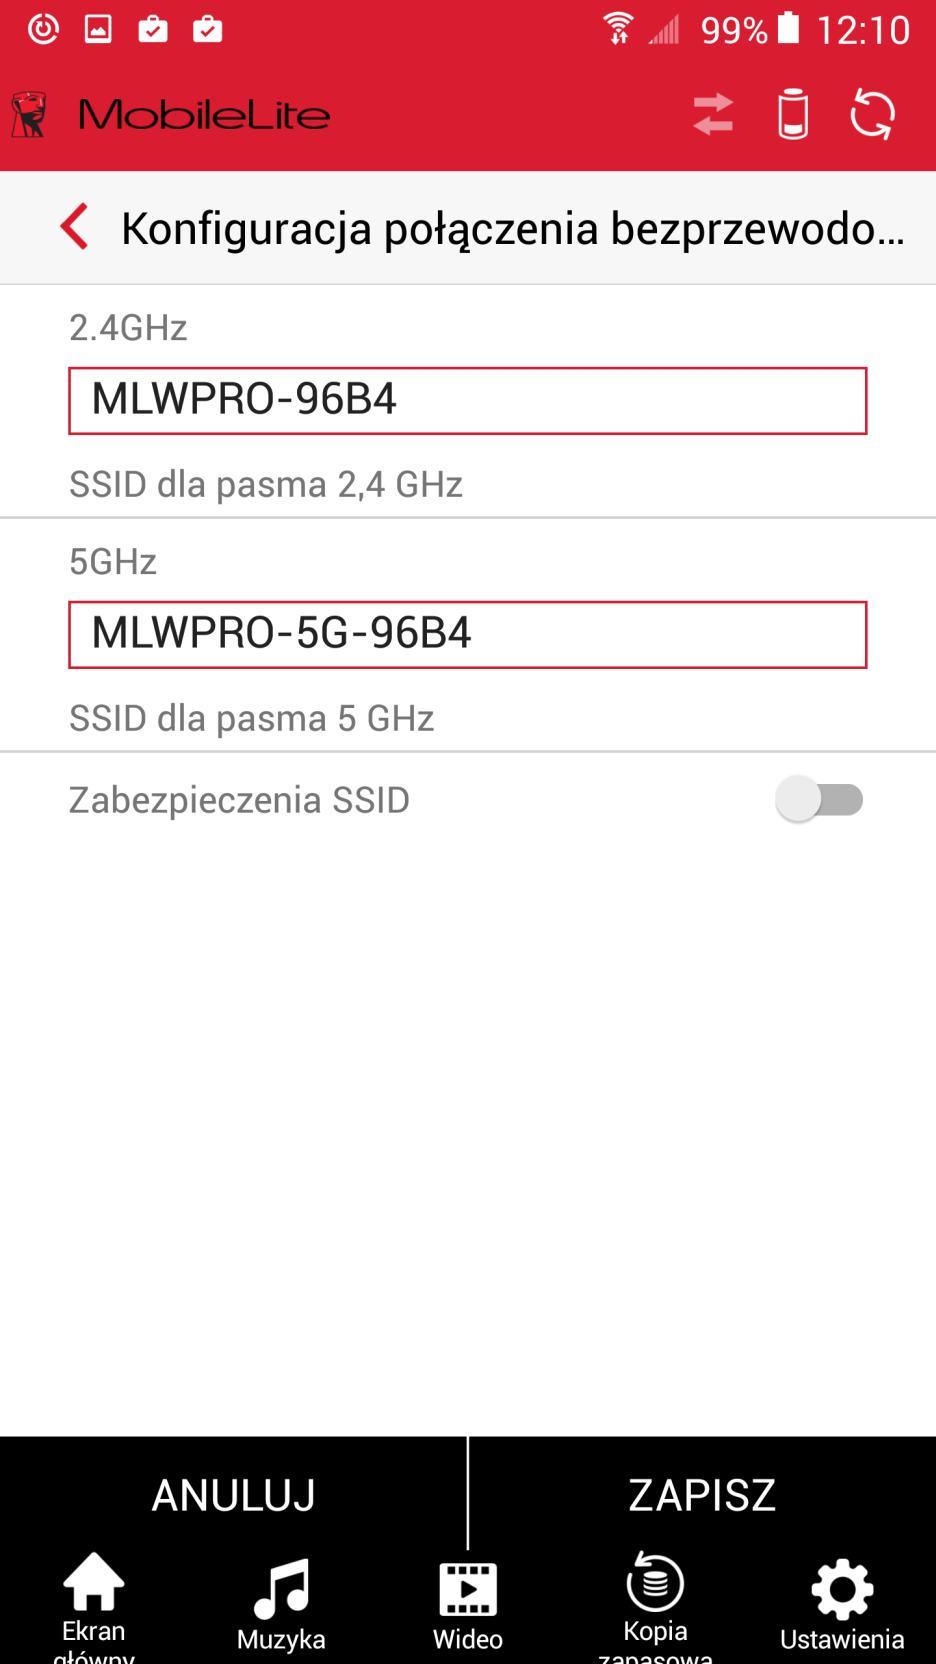 Kingston MobileLite aplikacja android 4